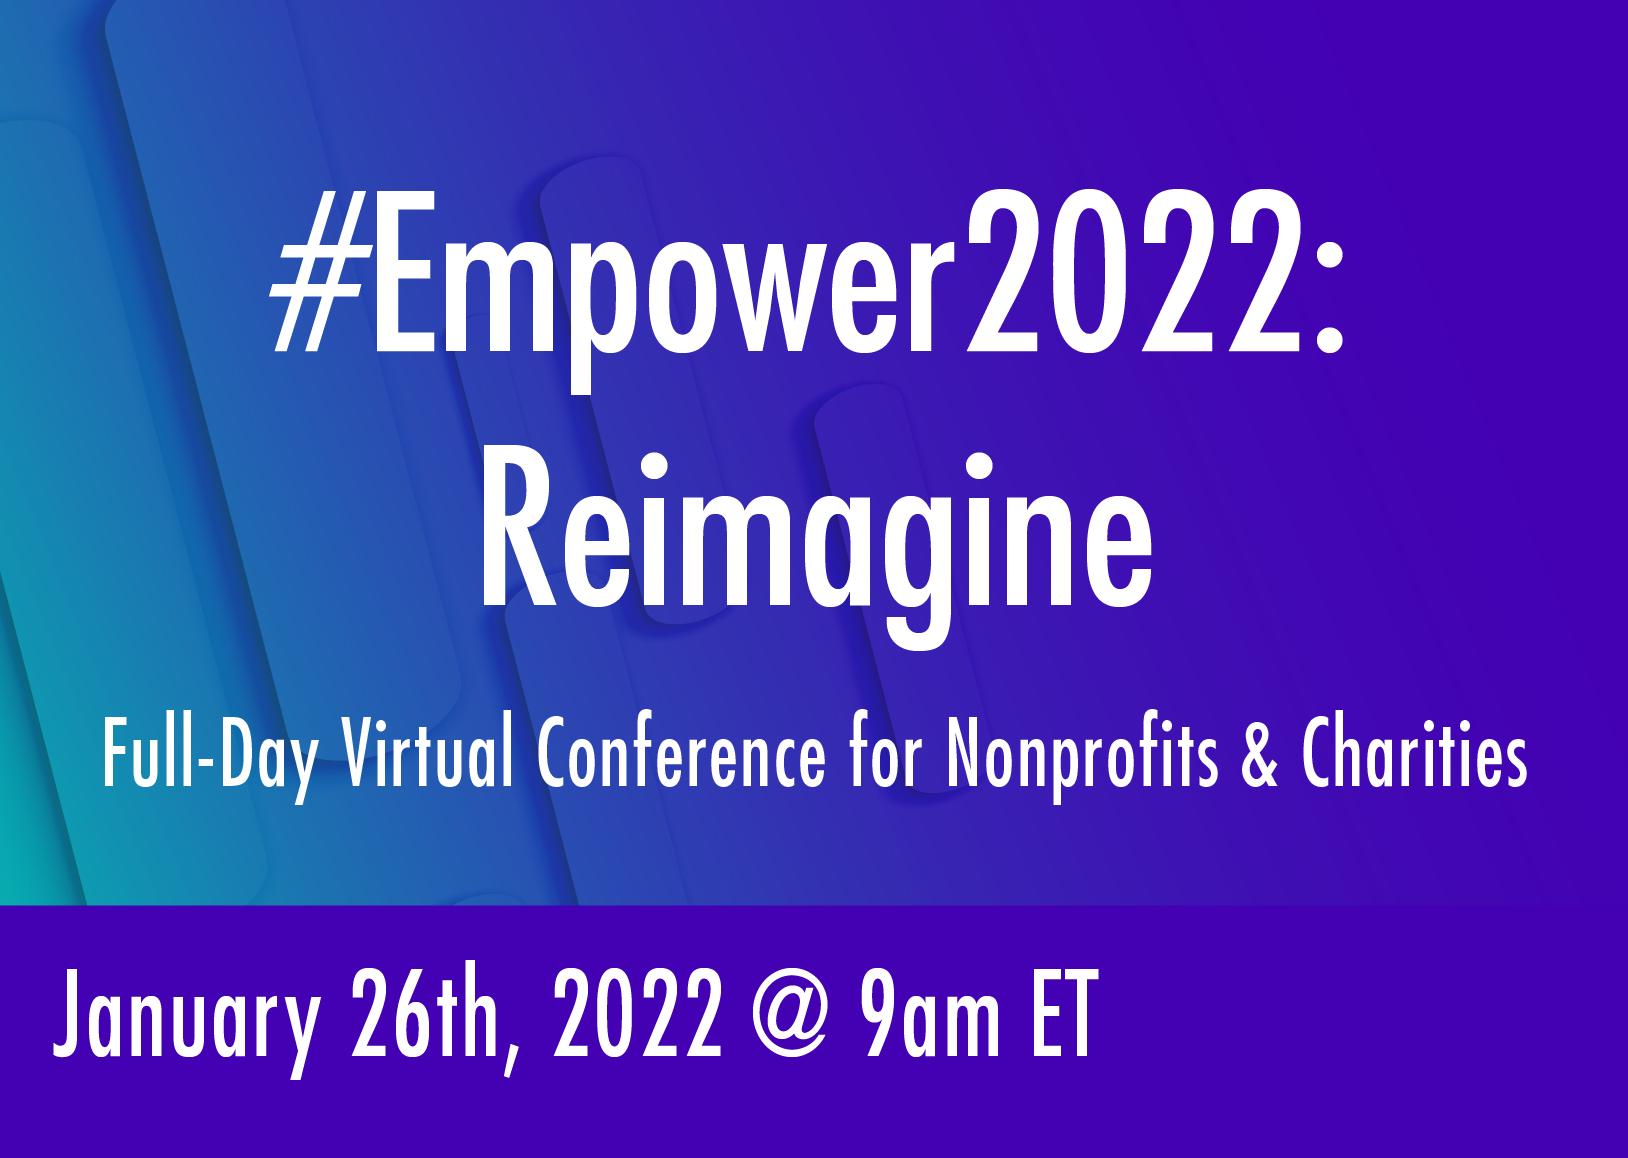 Empower-2022-reimagine